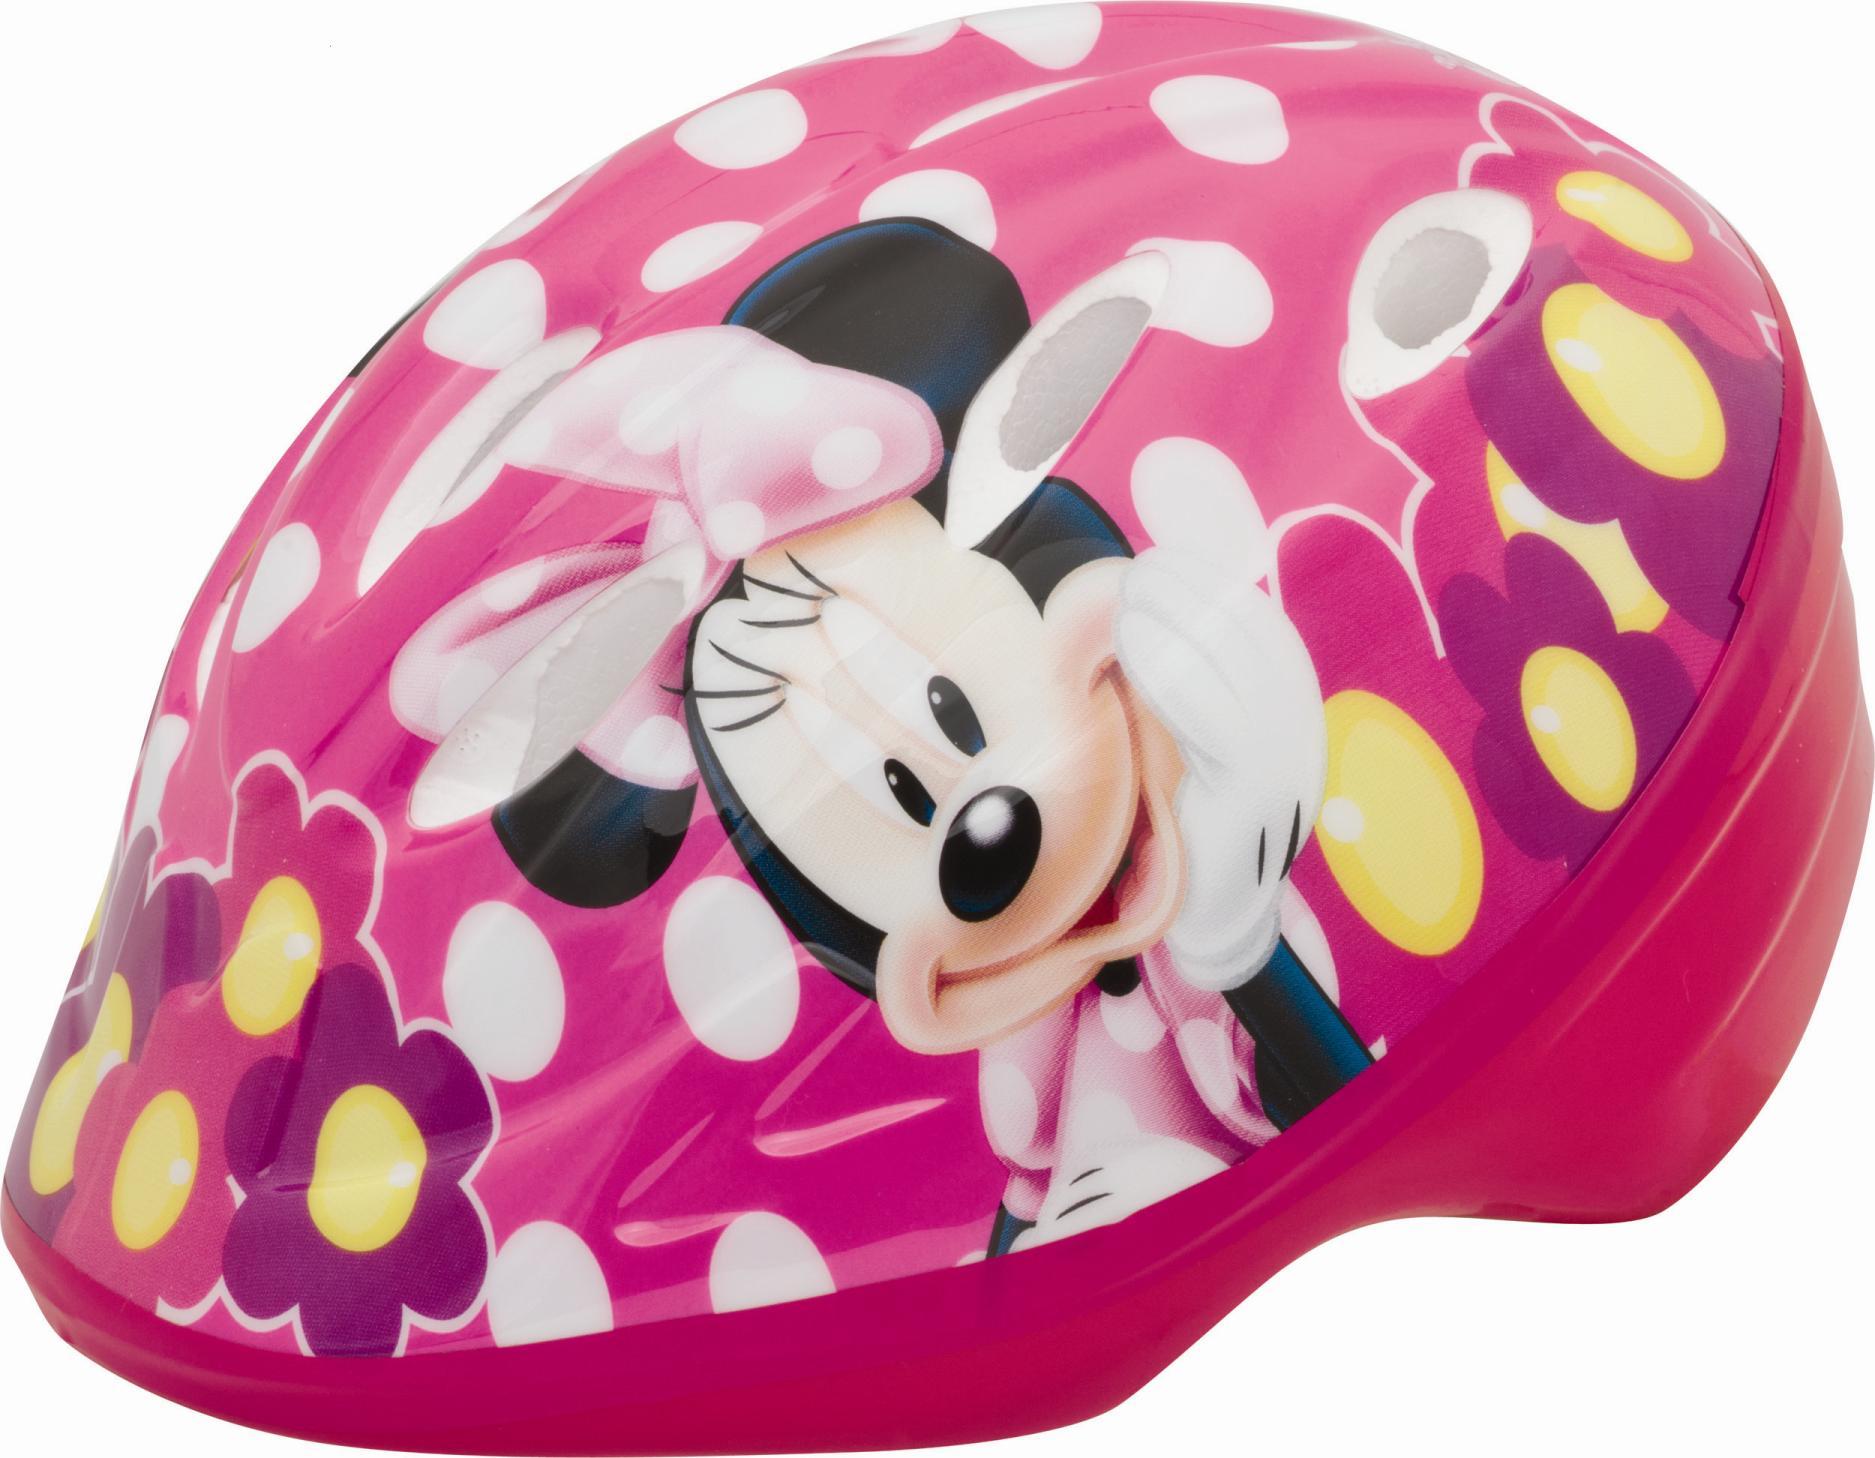 Disney Minnie Mouse Girls Toddler Bike Helmet PartNumber: 00605324000P KsnValue: 5317546 MfgPartNumber: 1009144